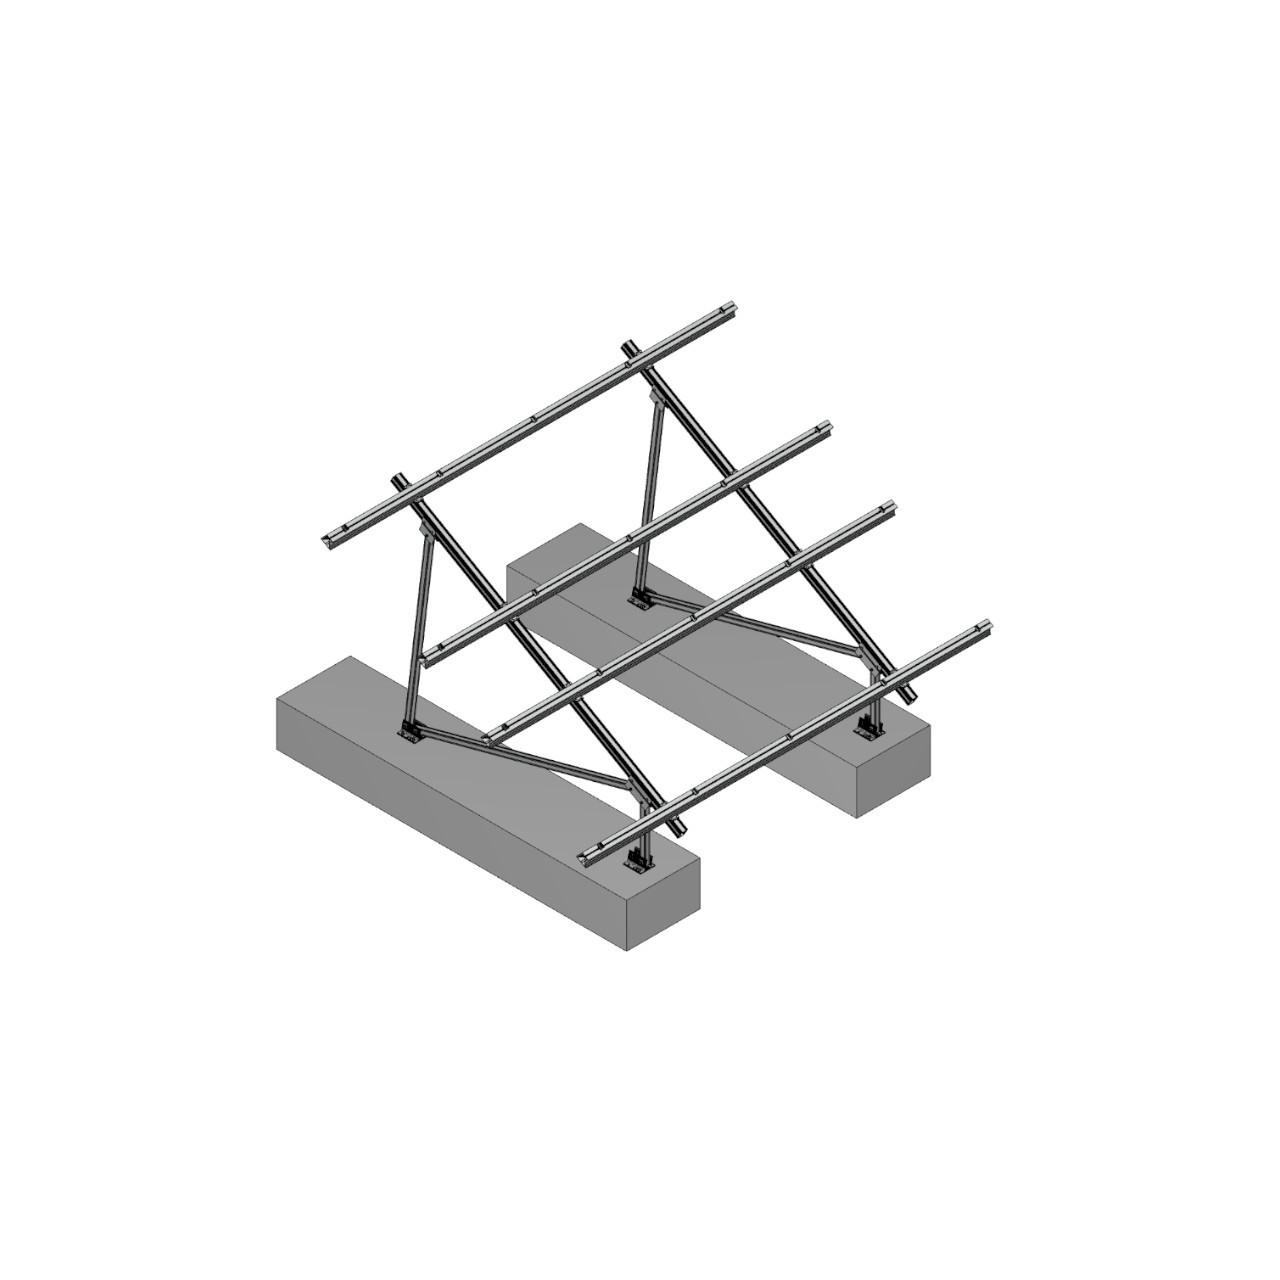 Schletter - PVMax 2Vx6-30deg-Concrete-No-Panels